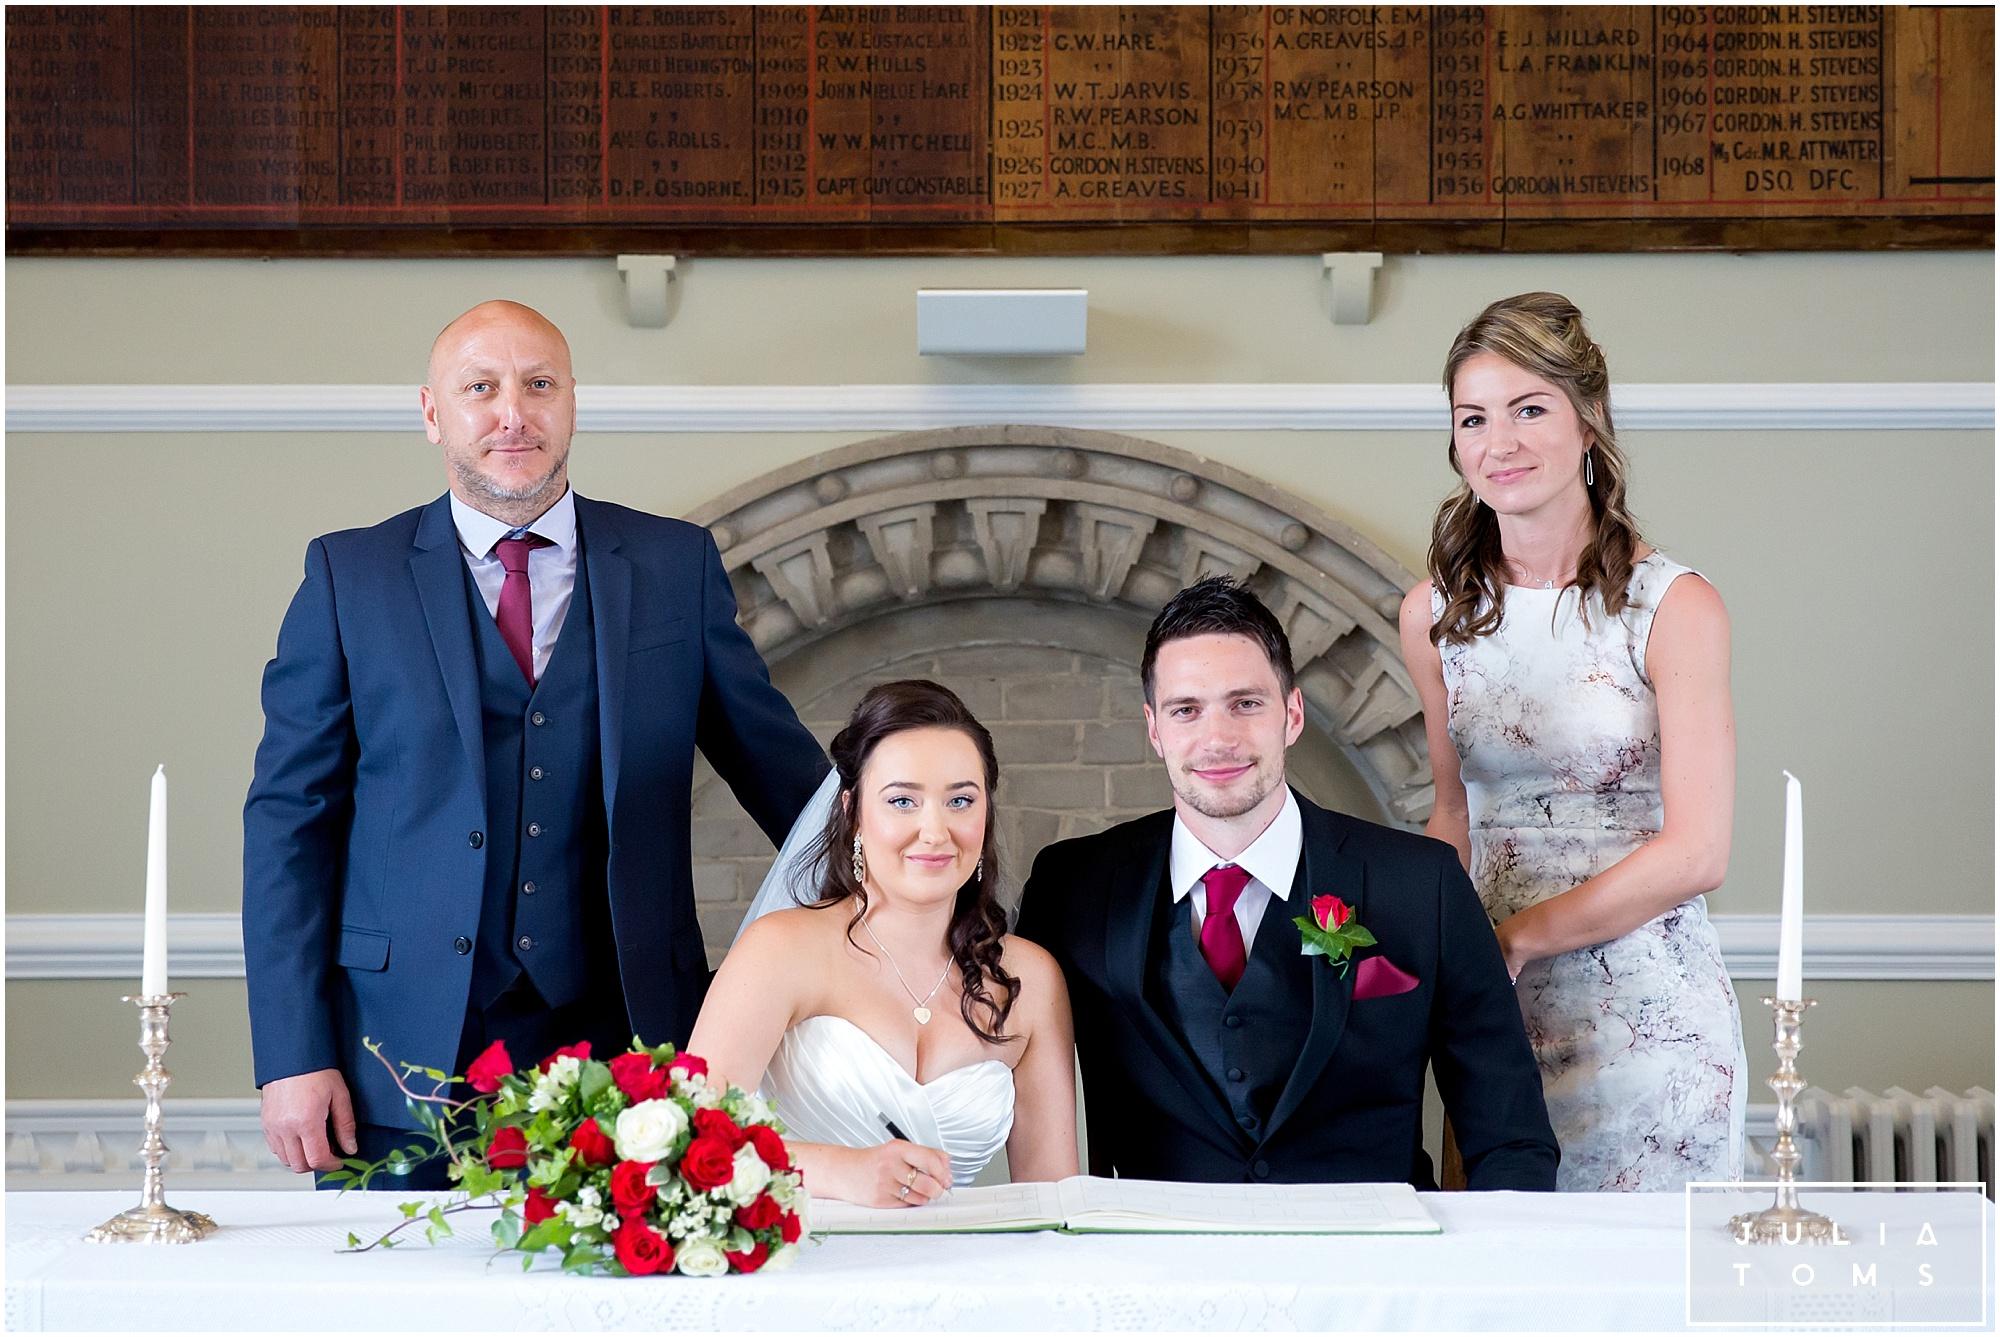 arundel_wedding_photographer_024.jpg